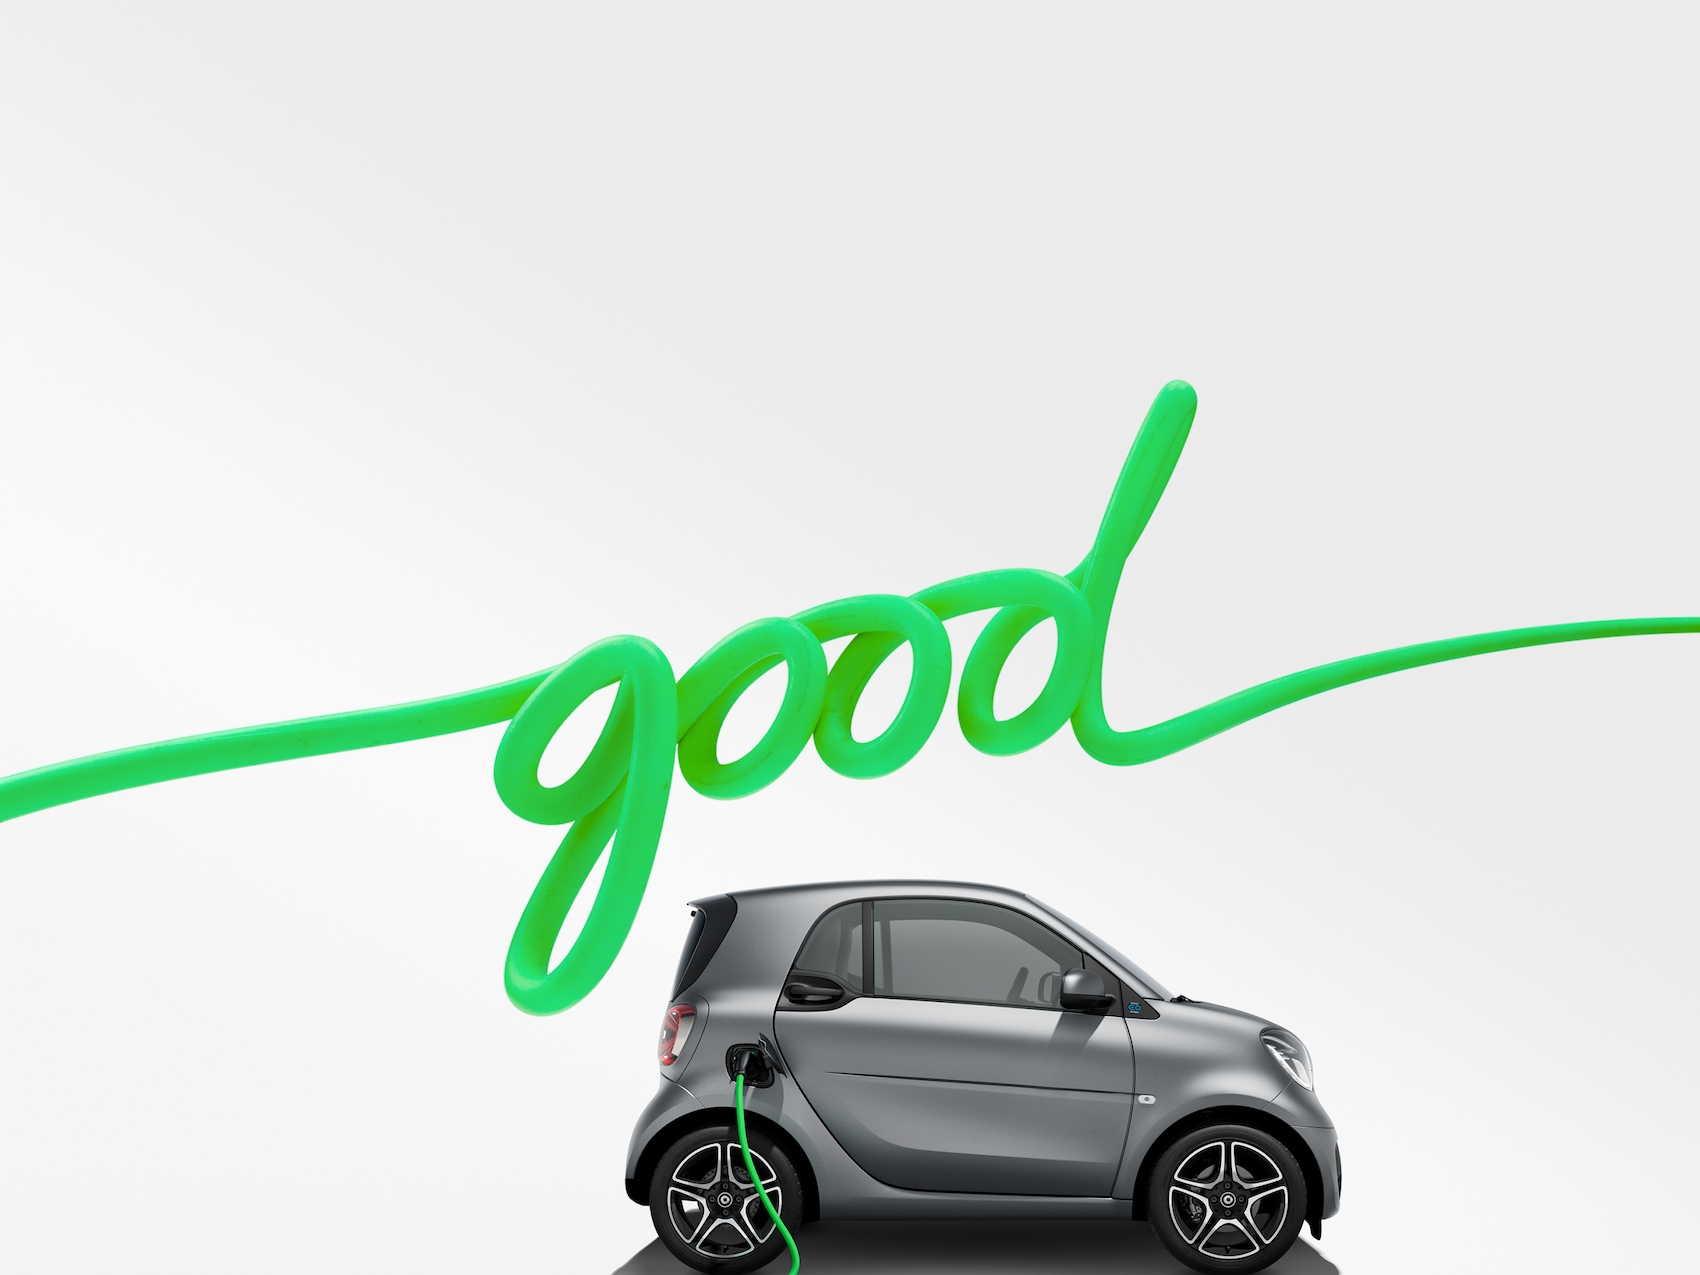 smart EQ fortwo in grau mit grünem Ladekabel und Schriftzug good